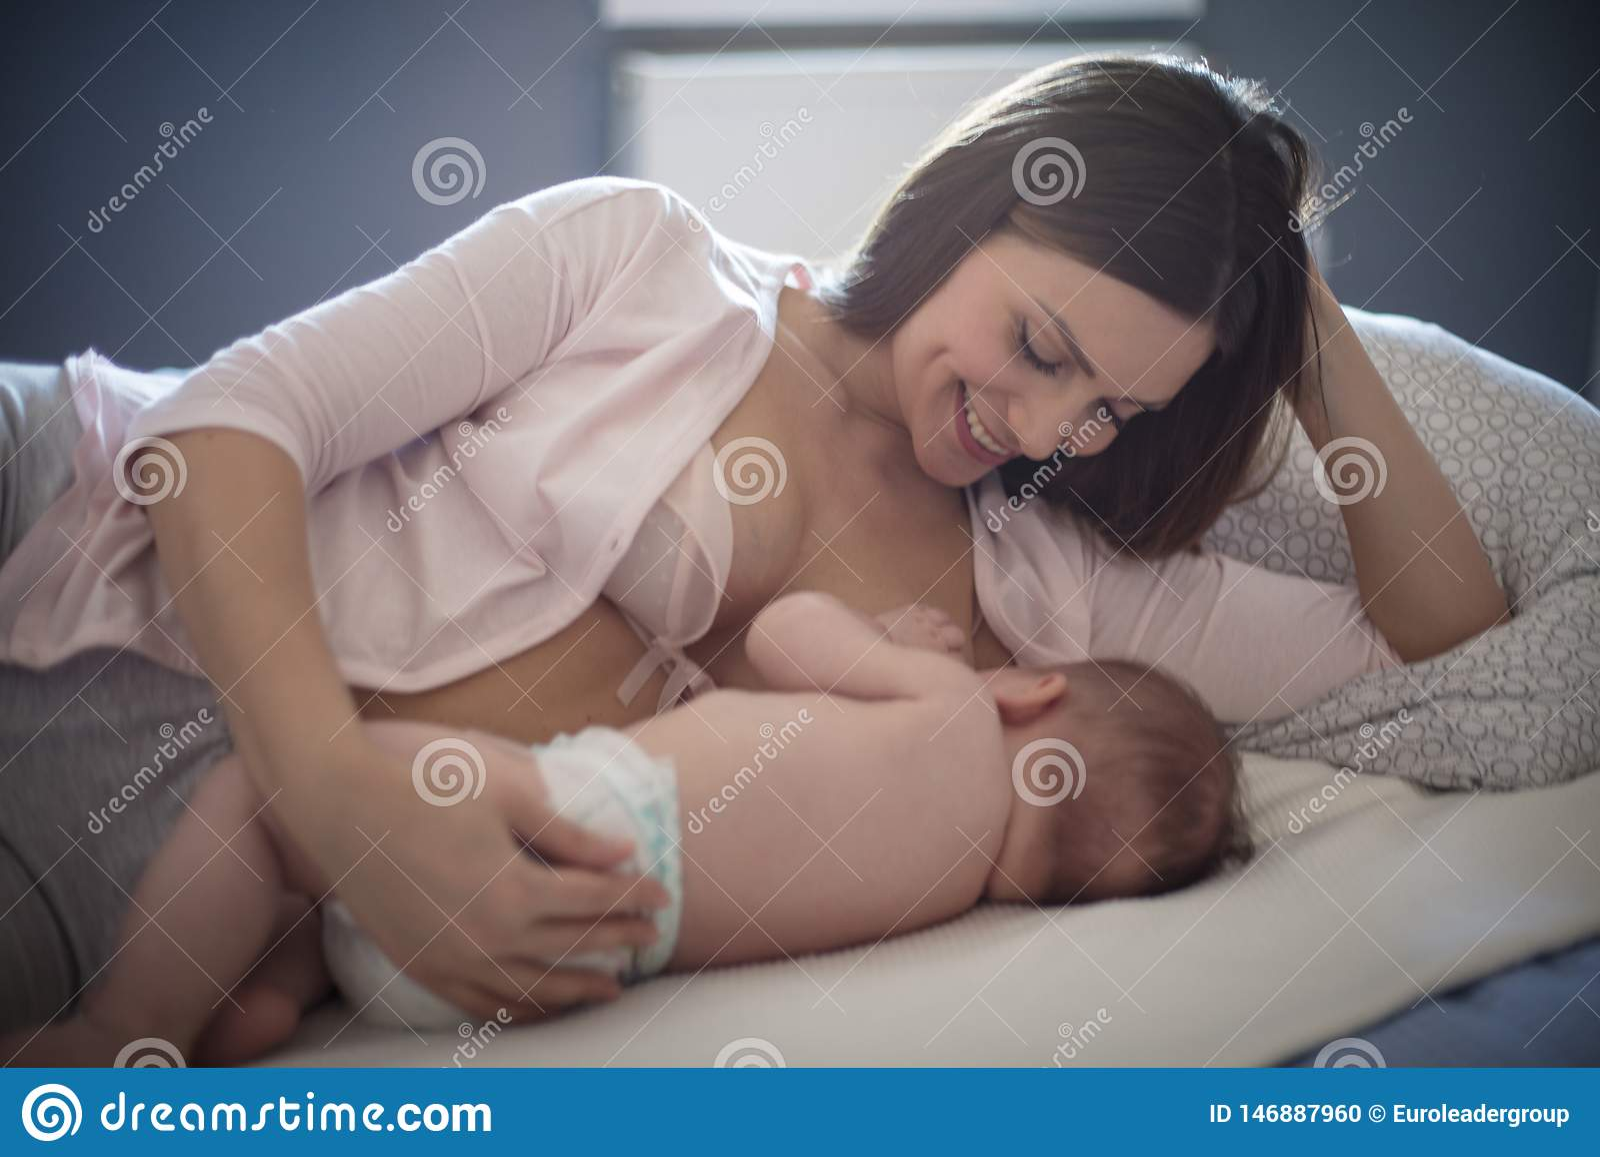 Breastfeeding czas jest więzi uczuciowej czasem